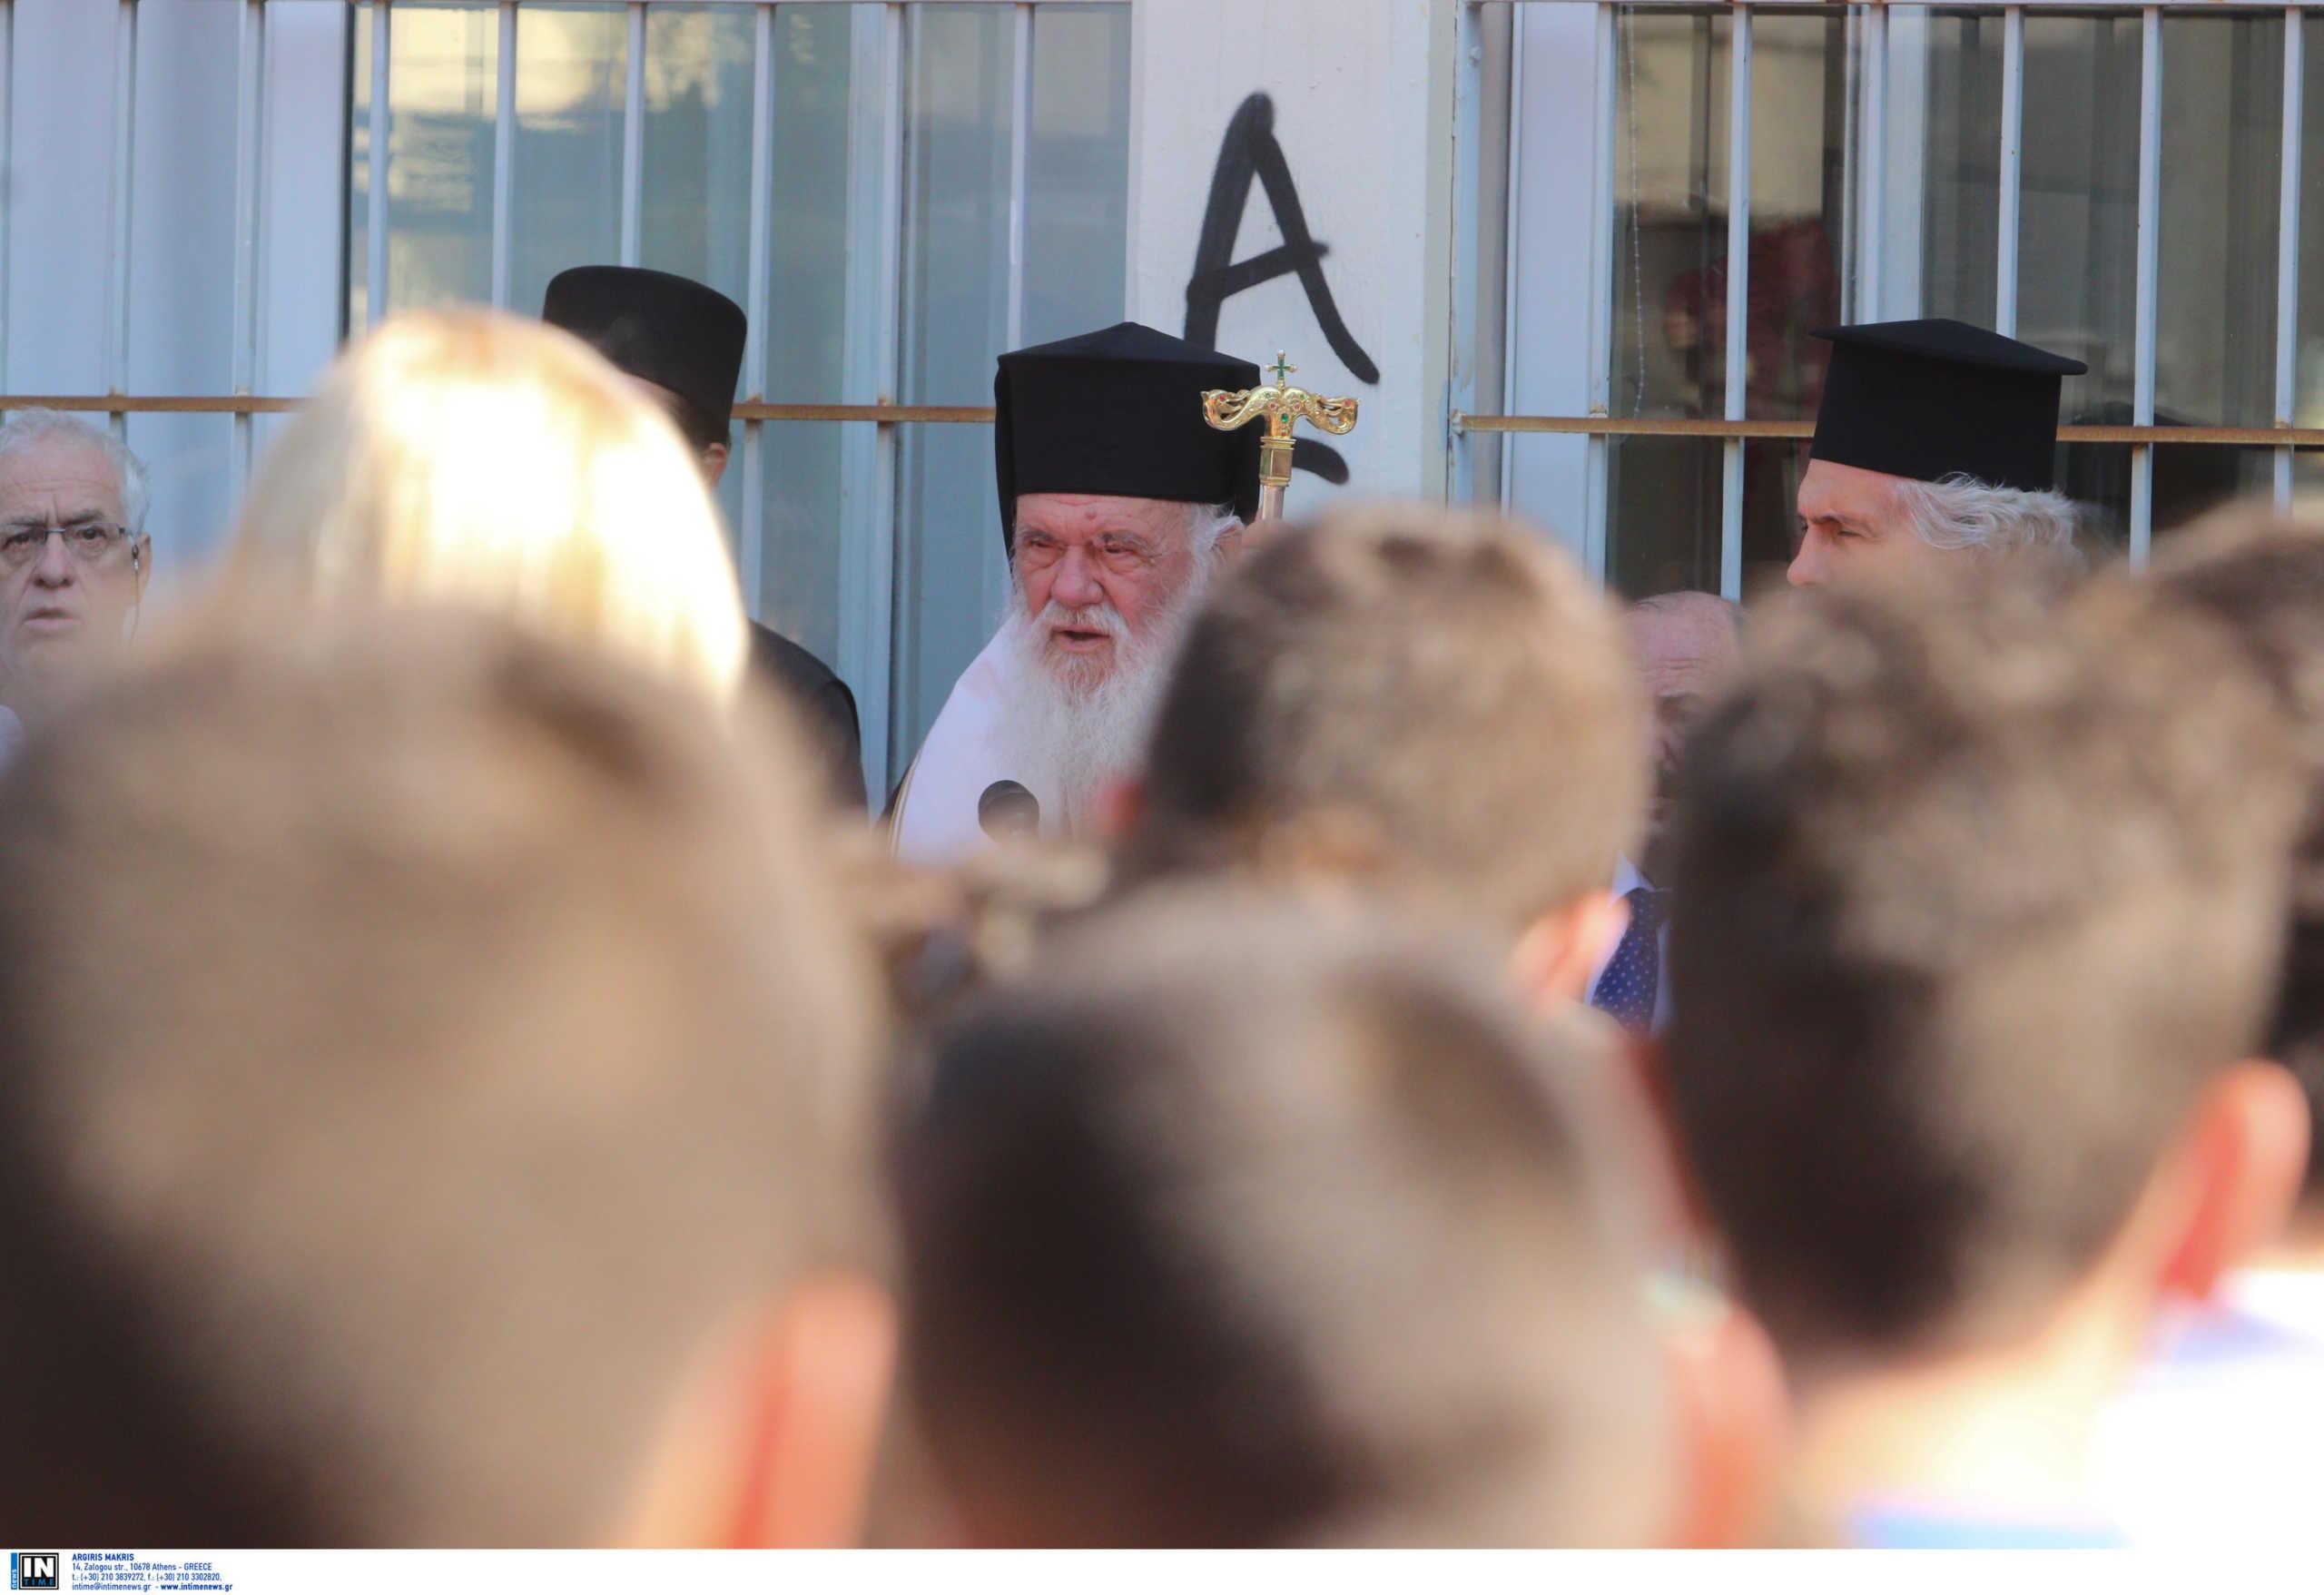 Άνοιγμα σχολείων: Έτσι θα γίνει ο αγιασμός στις 14 Σεπτεμβρίου